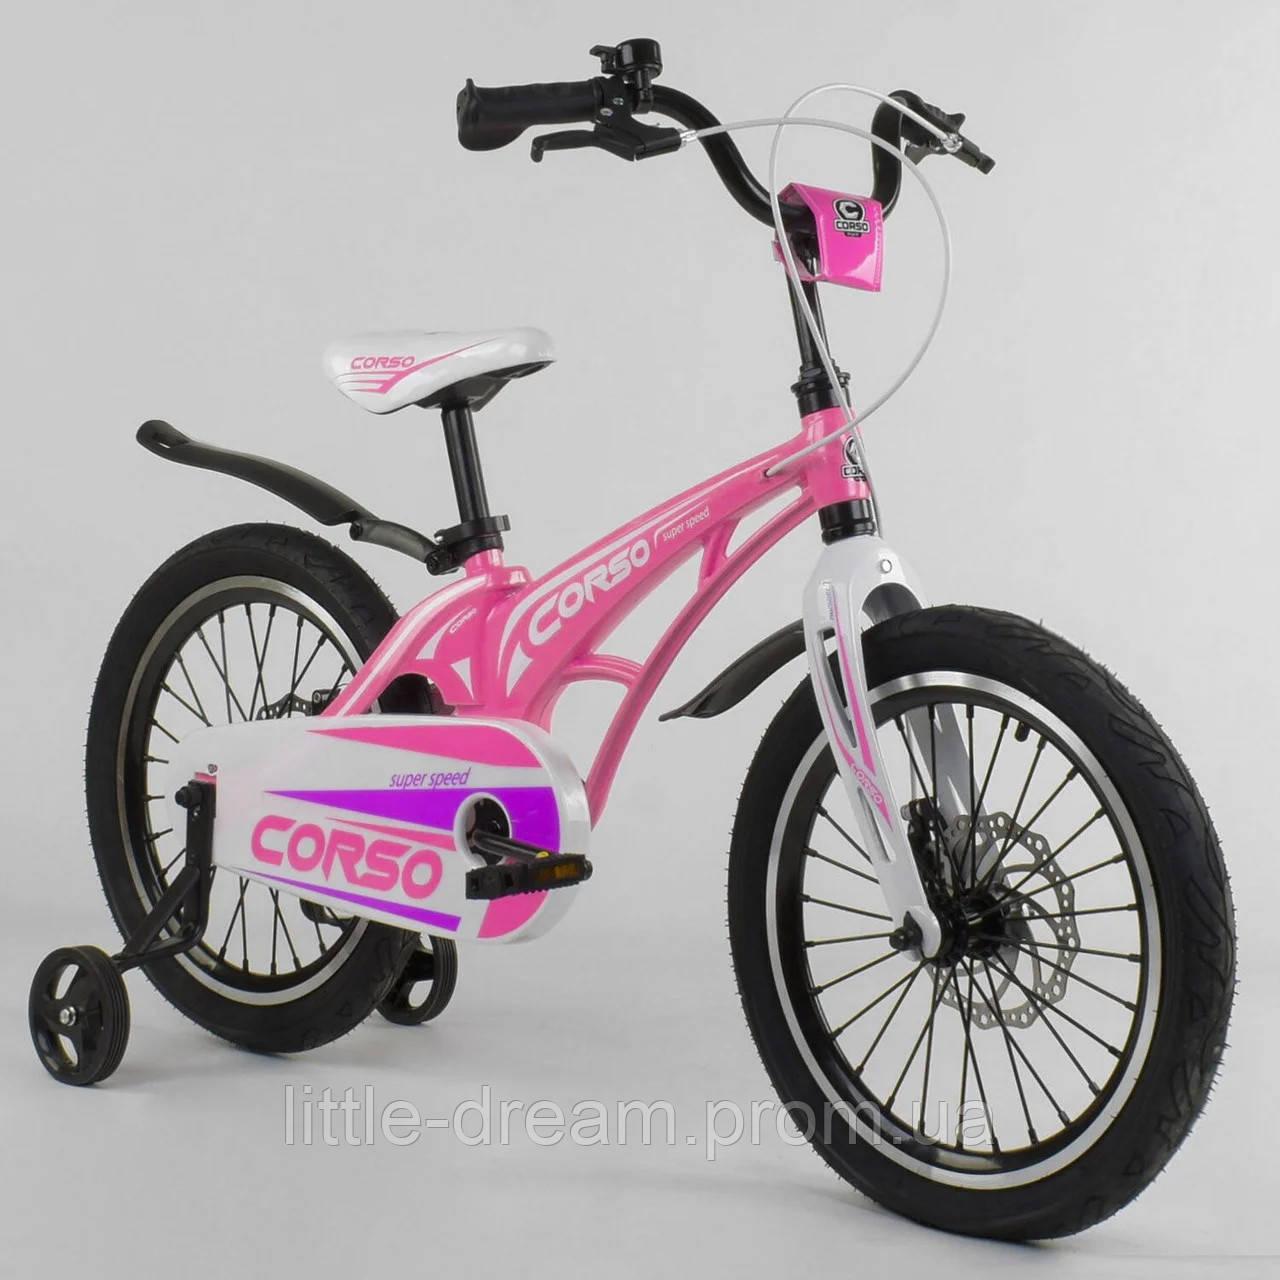 """Детский двухколёсный велосипед 18"""" магниевой рамой и алюминиевыми двойными дисками Corso MG-18 W 814 розовый"""